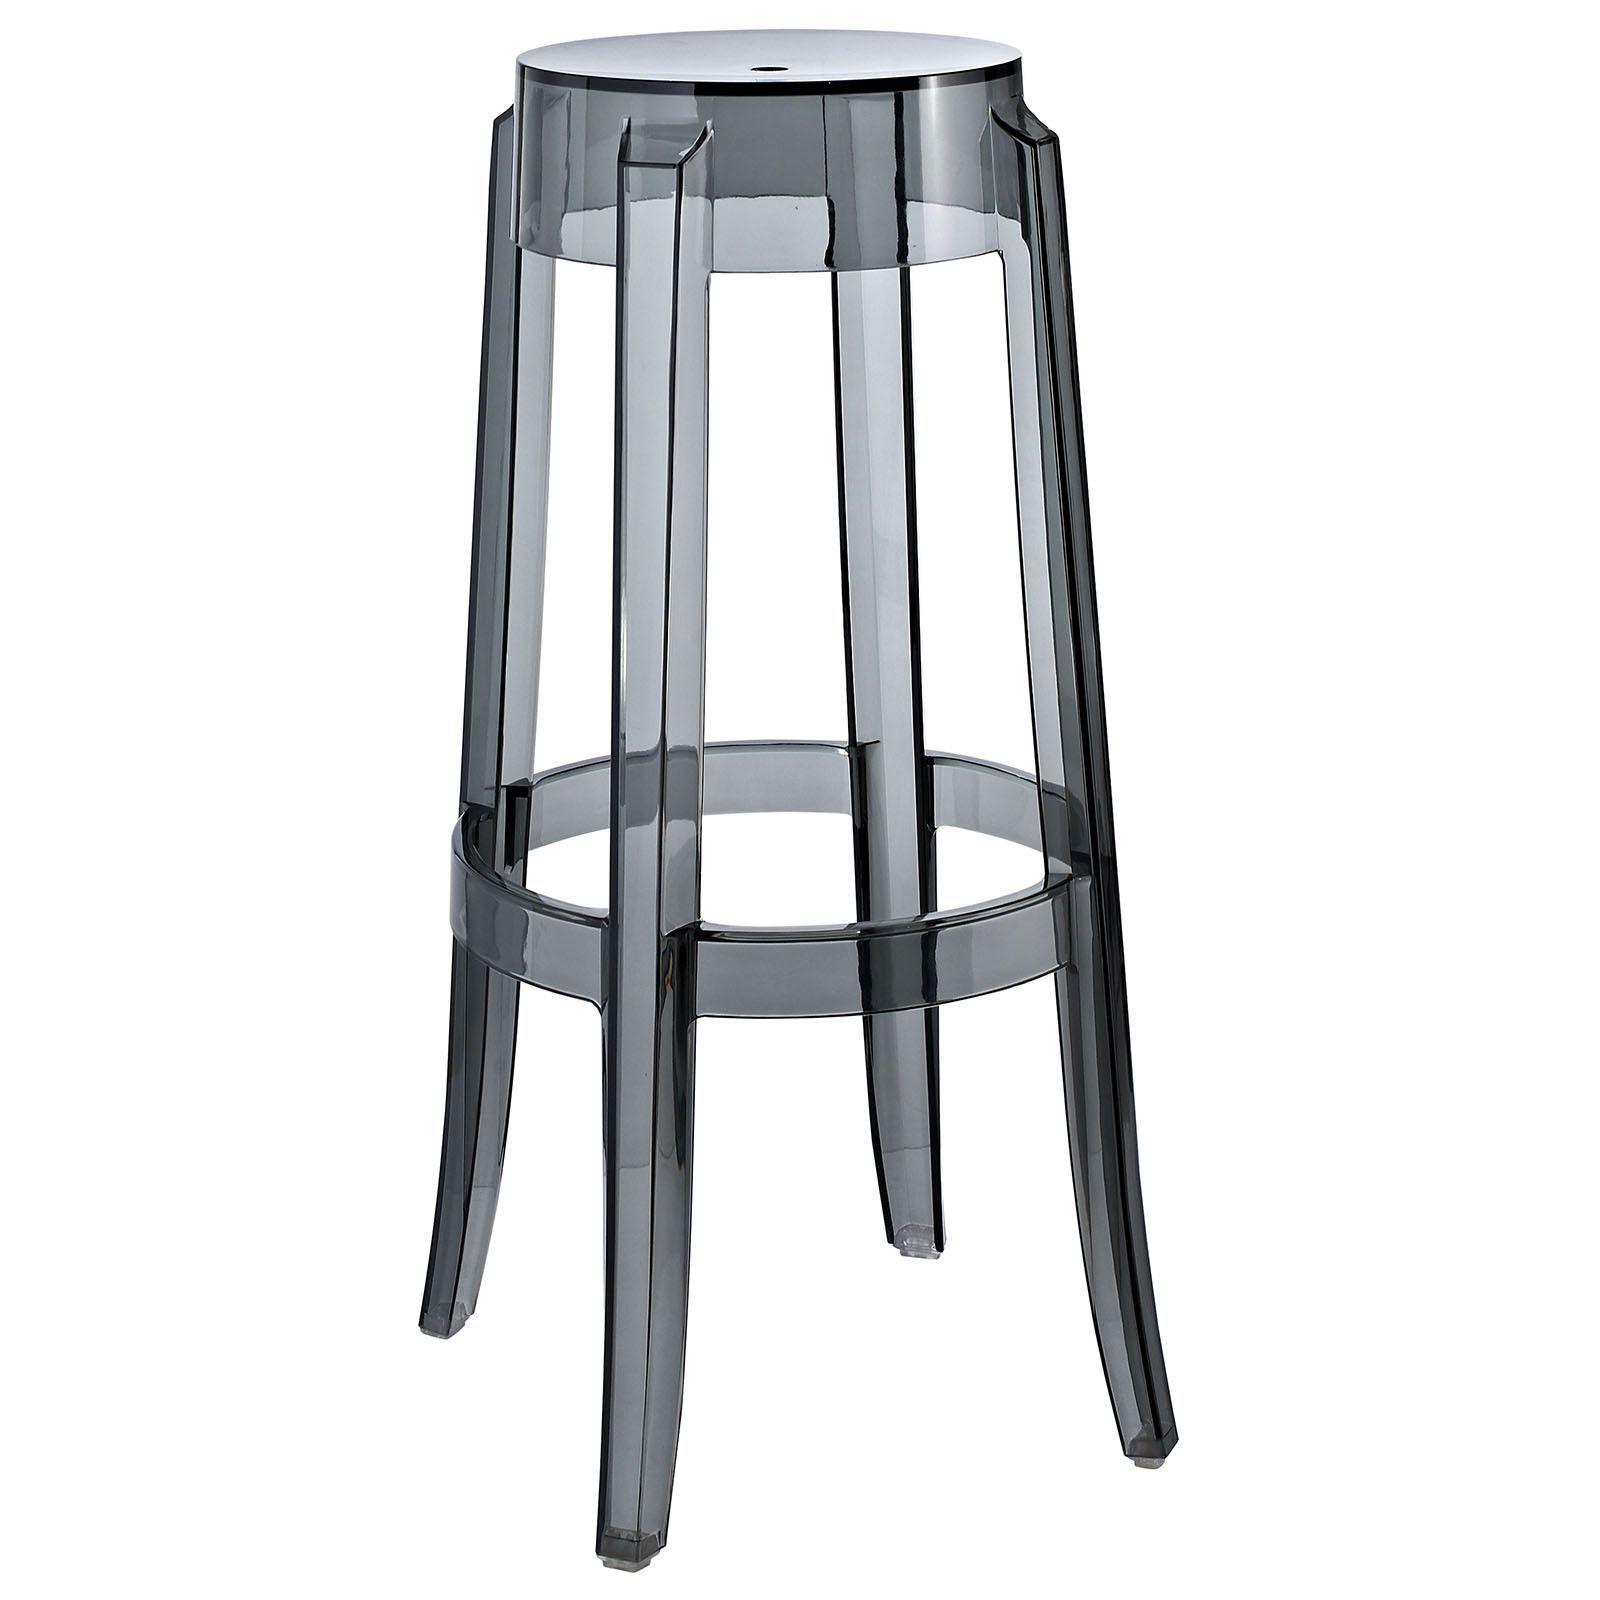 Modway Furniture Casper Modern Bar Stool EEI-170 | Designers-starck ...